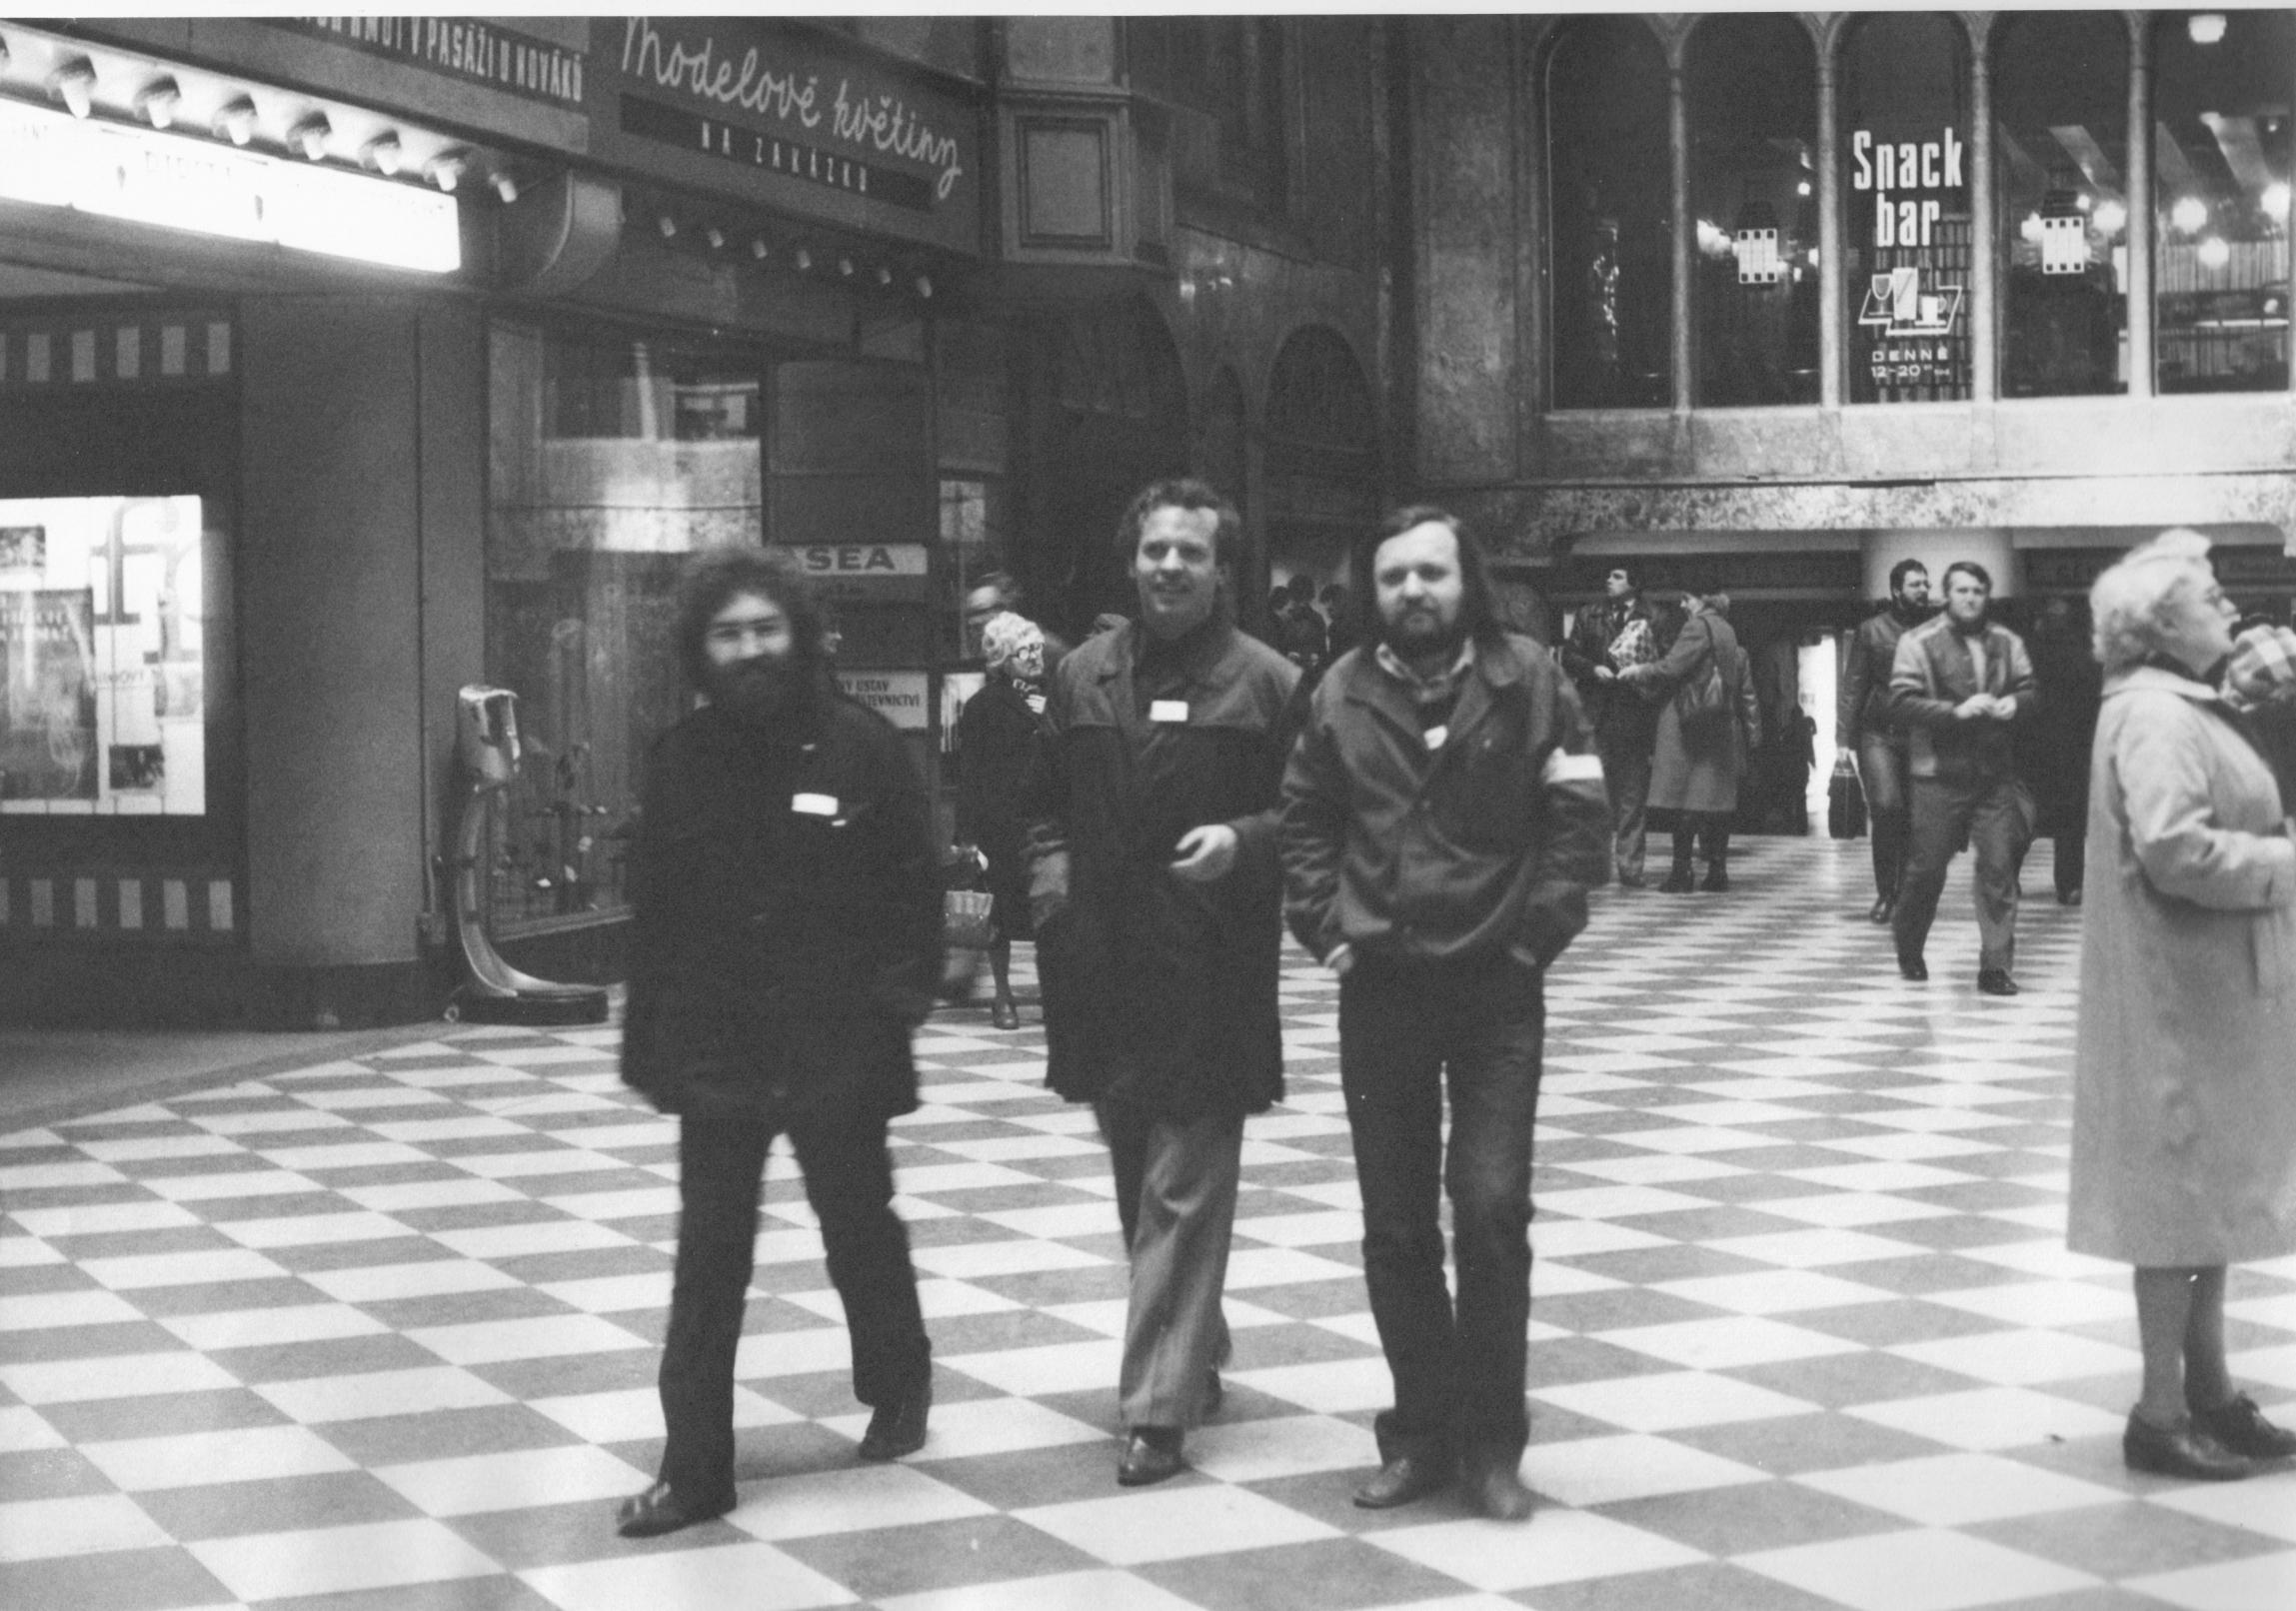 Joska Skalník, Karel Srp, and Vladimír Kouřil (from left to right) in 1982